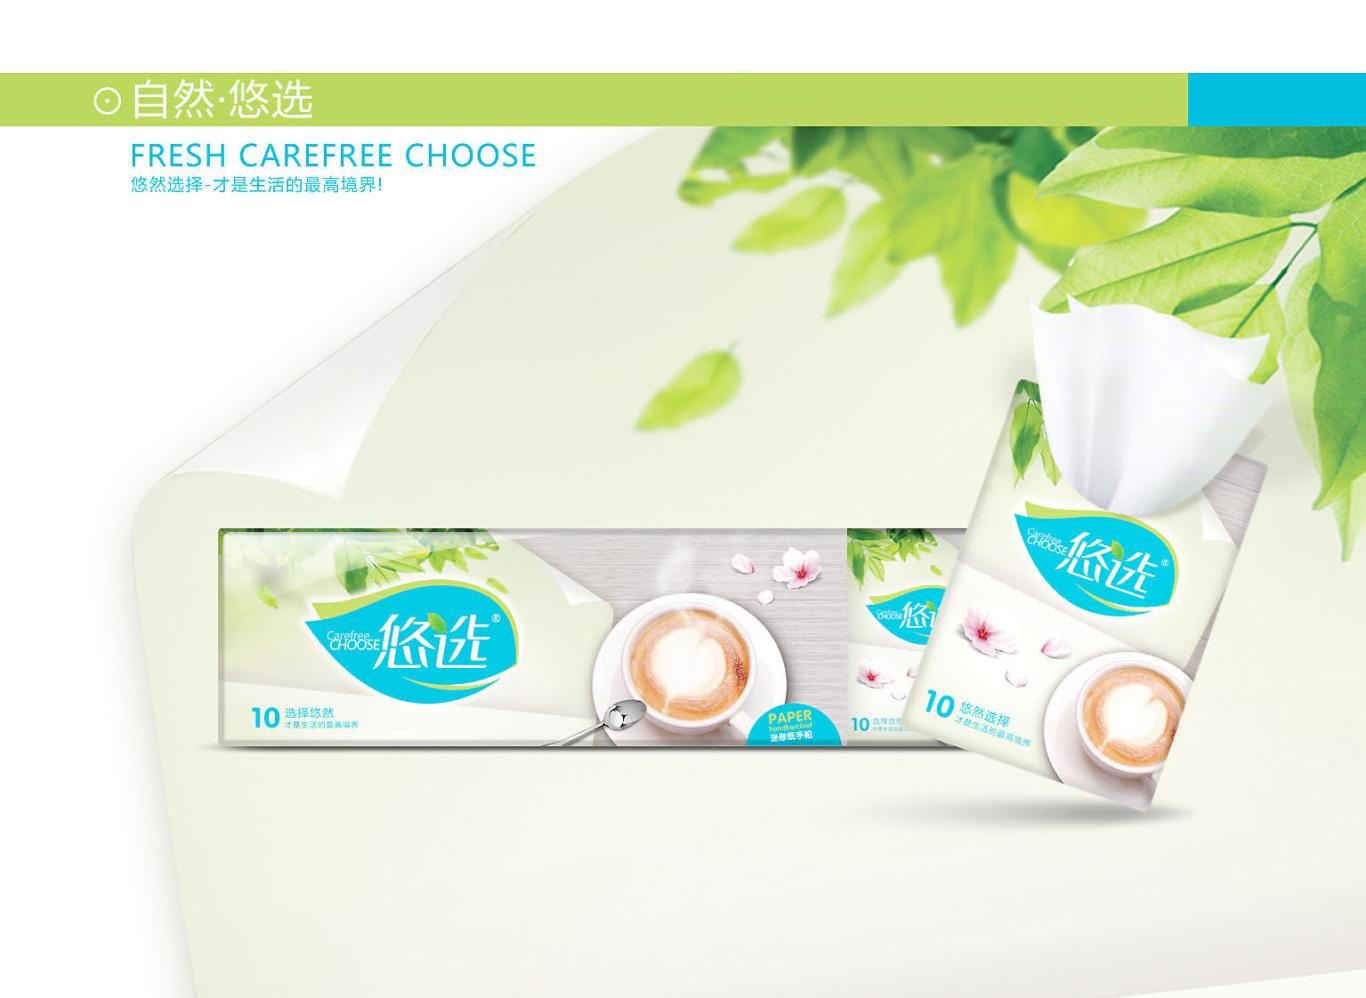 悠选品牌包装设计图5